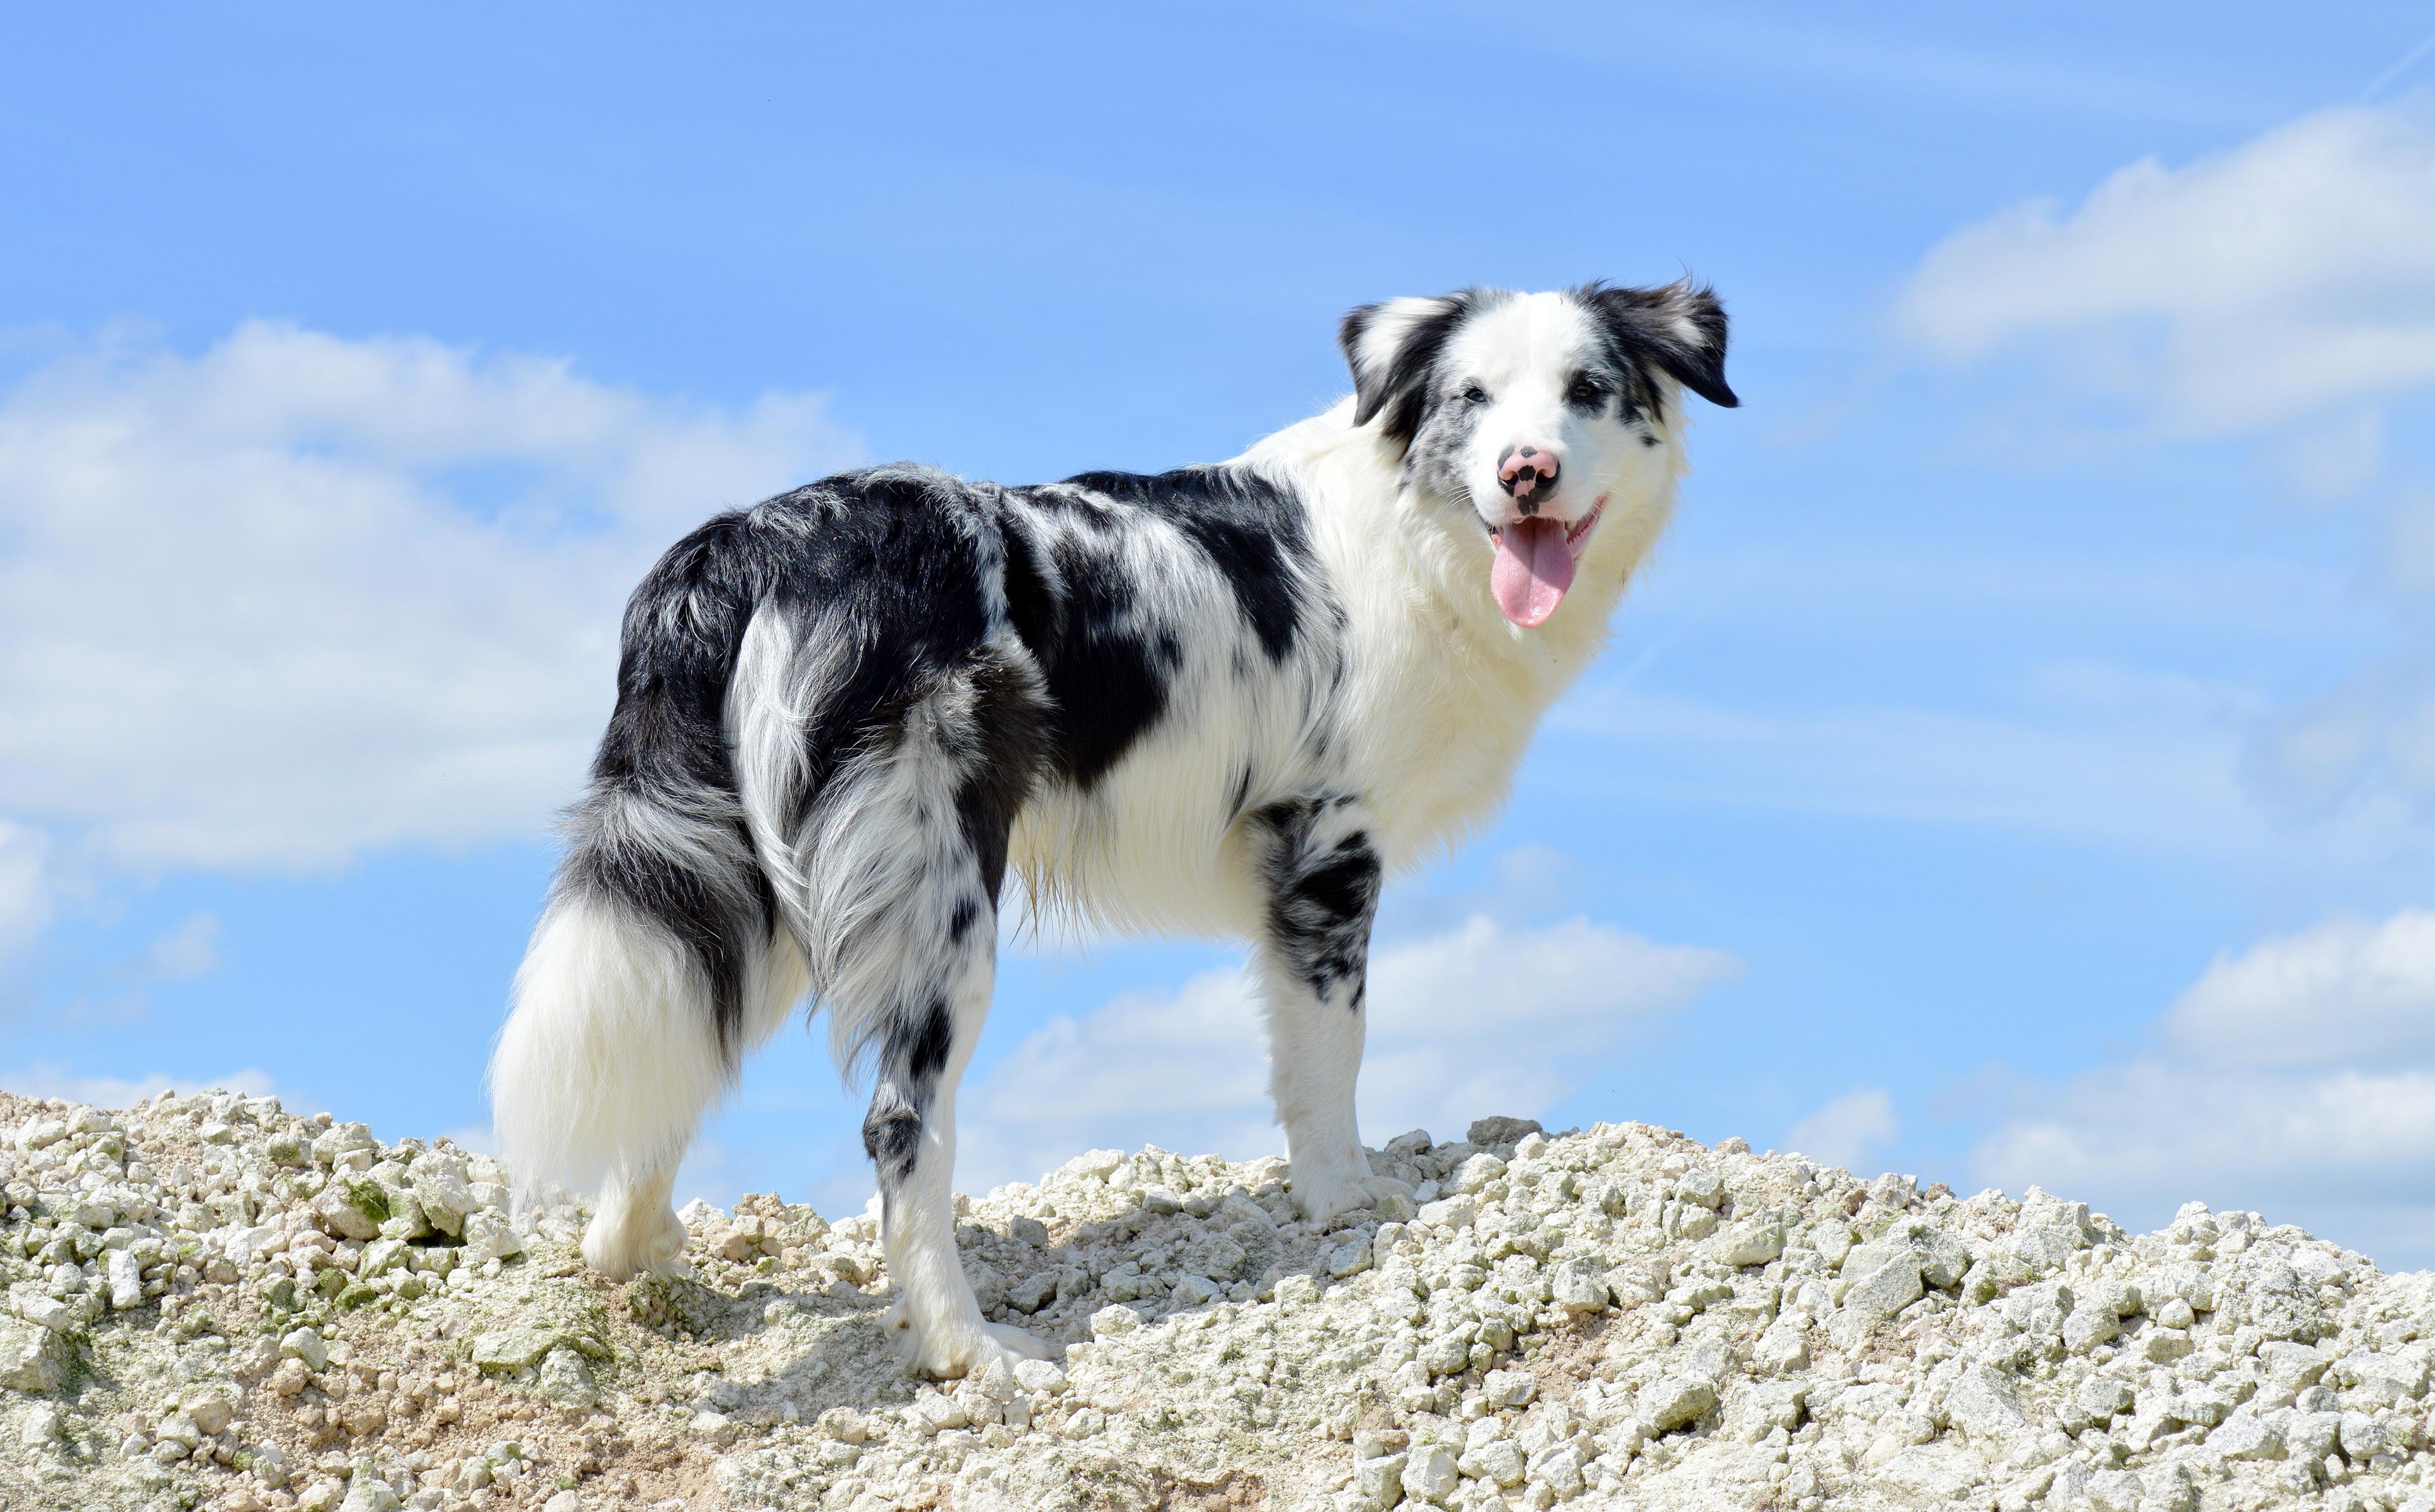 Bilder von Australian Shepherd hund Blick ein Tier 3840x2385 Hunde Tiere Starren